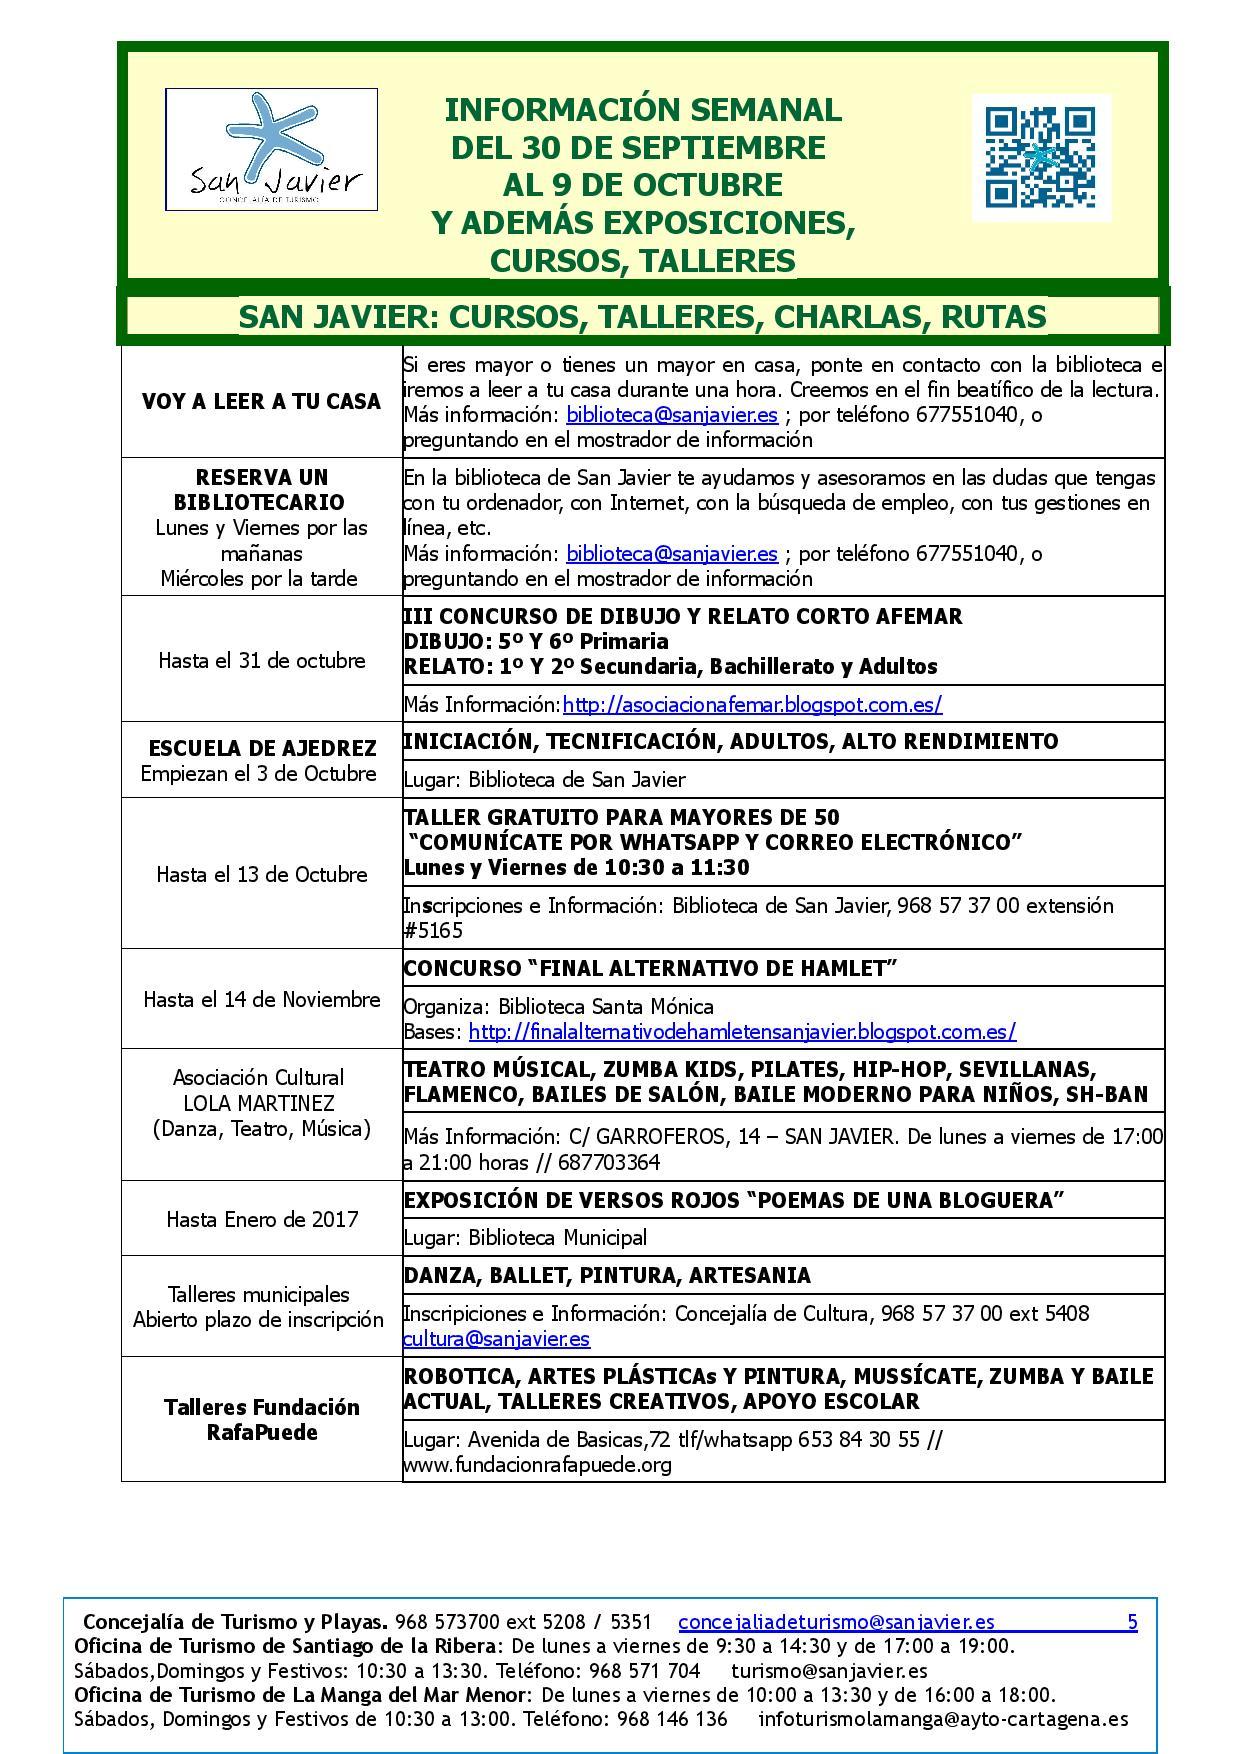 del-30-de-septiembre-al-9-de-octubre-page-003